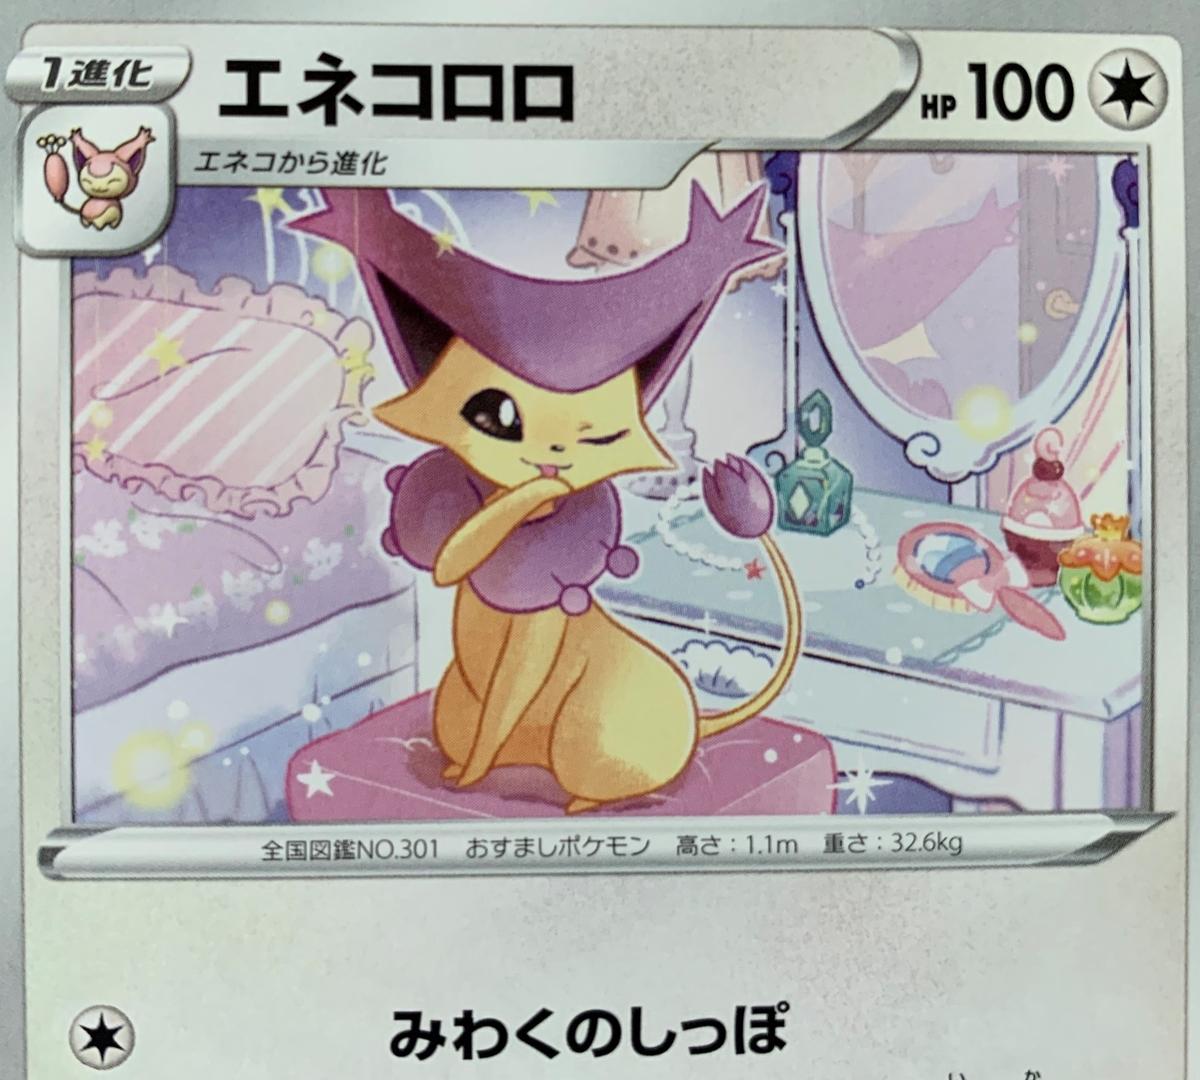 f:id:yomotu_nayami:20200607223654j:plain